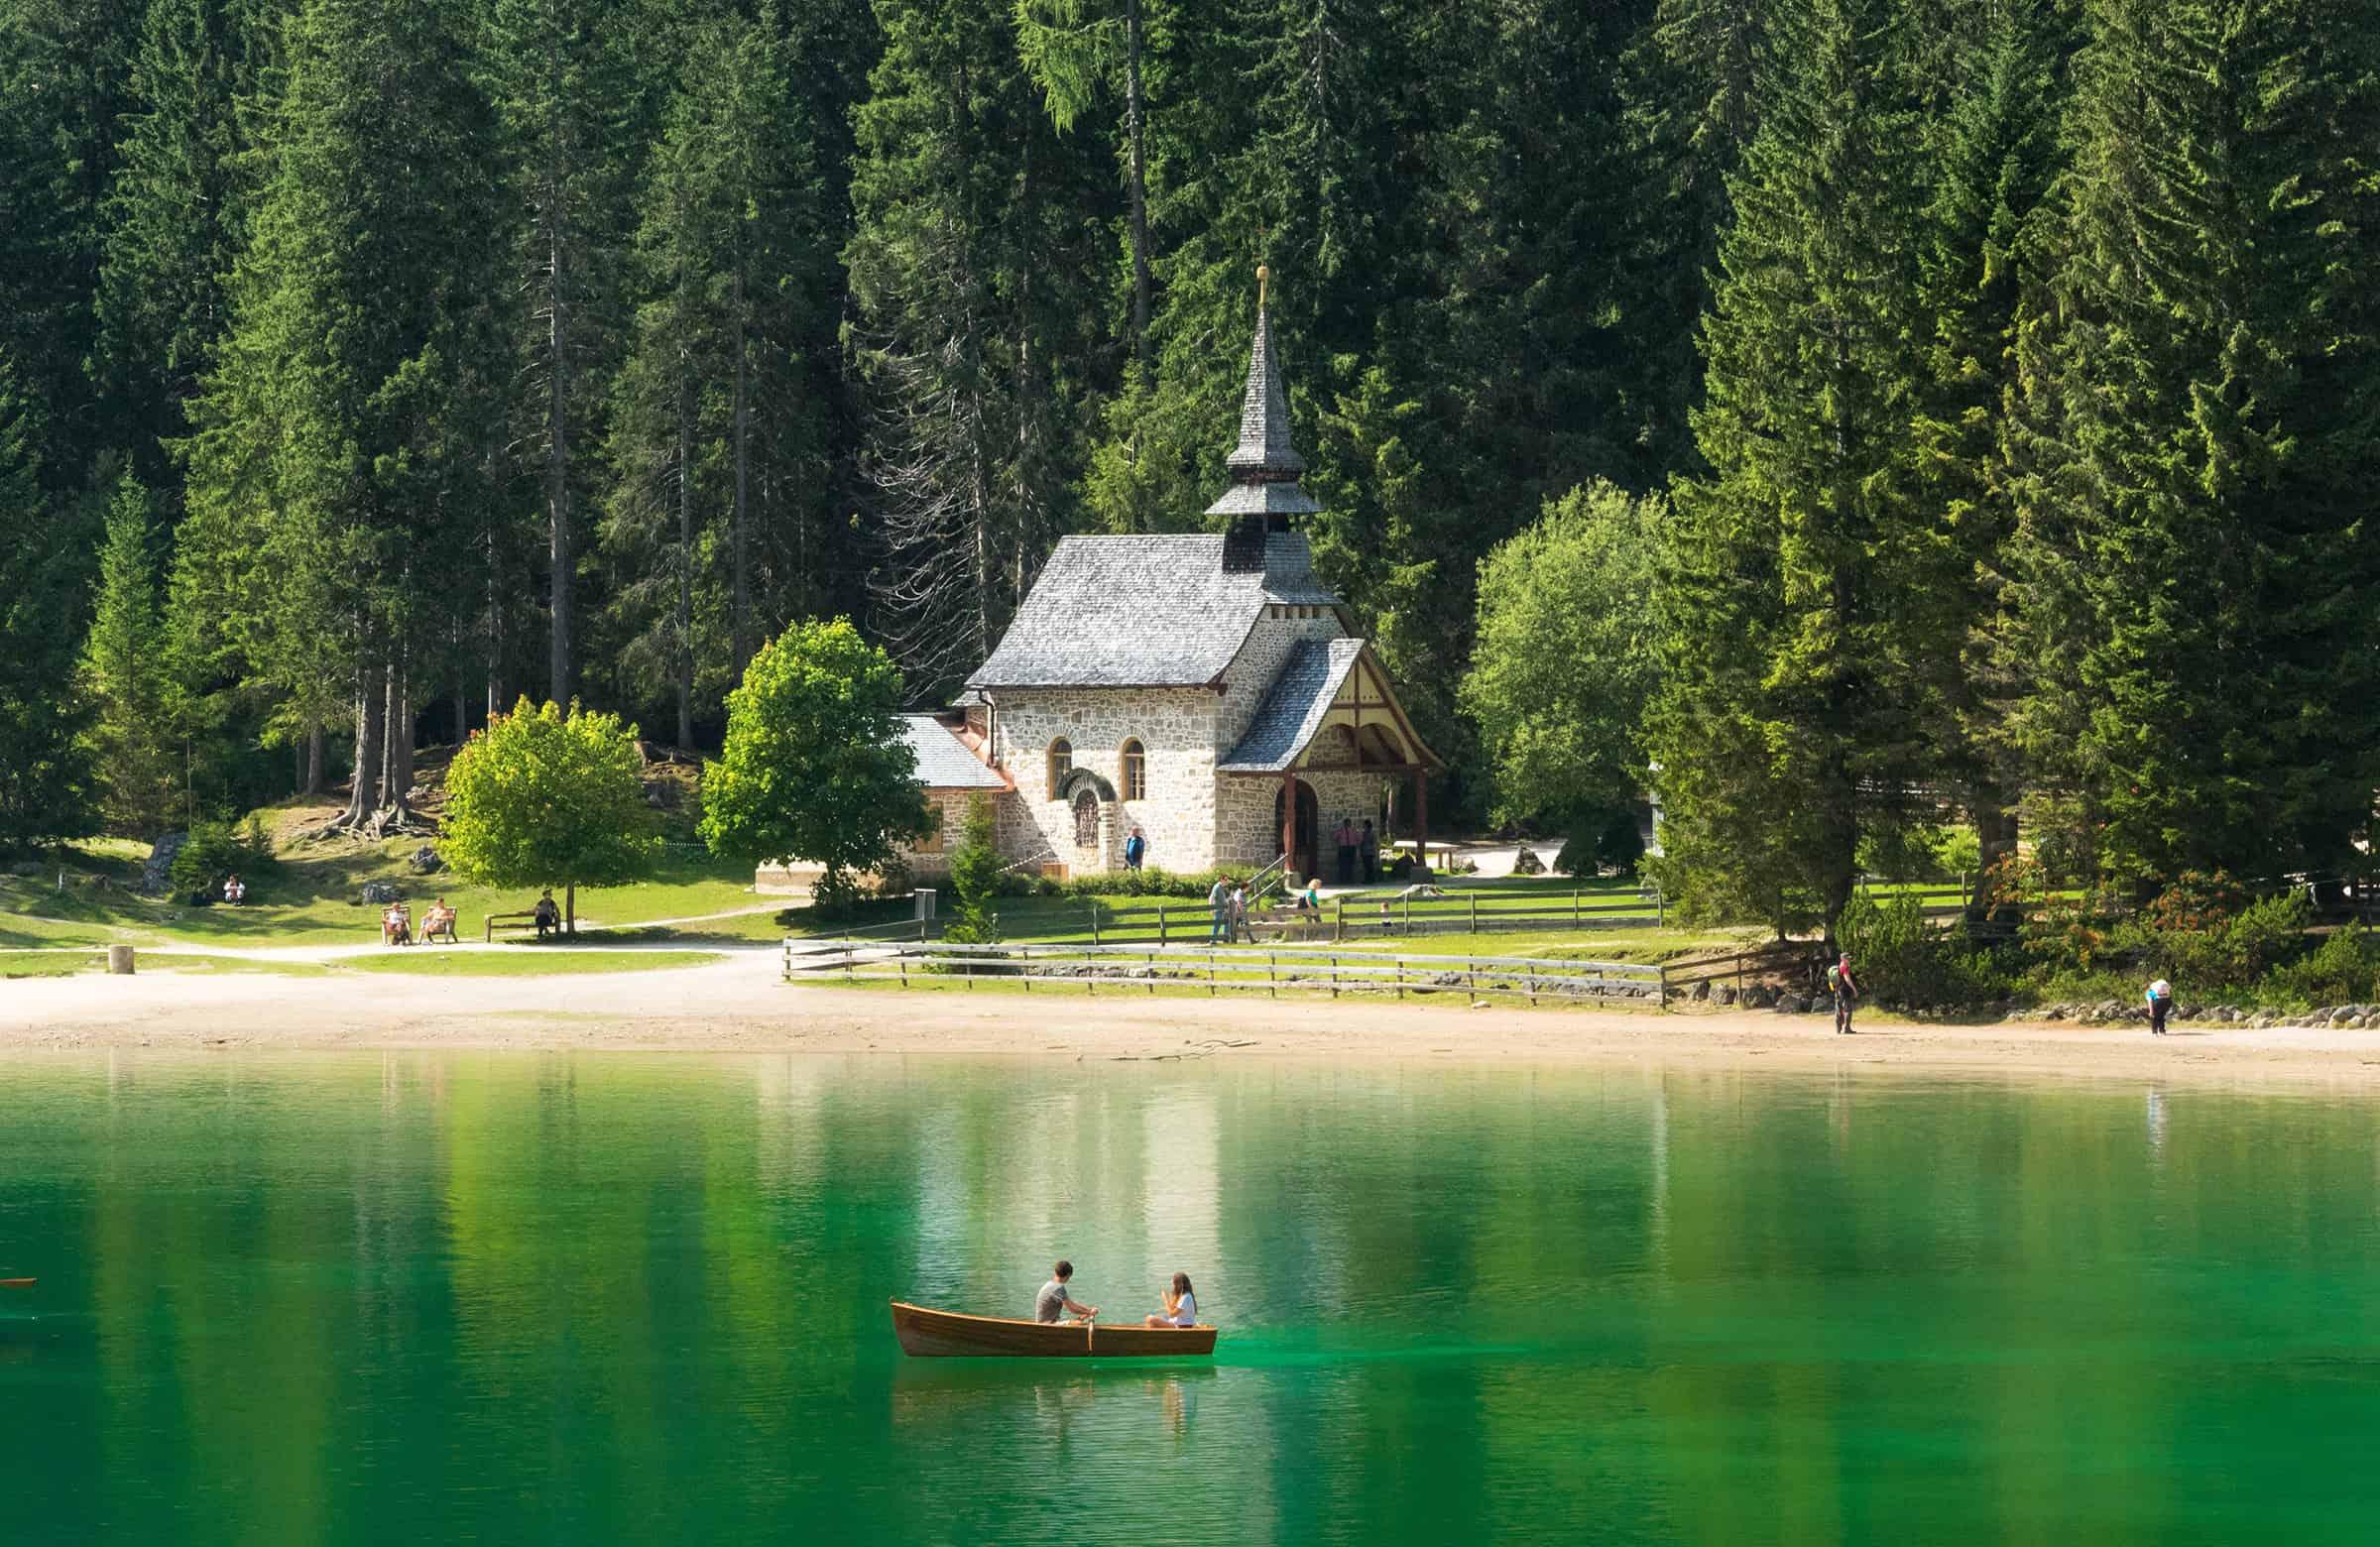 Bootje varen op het meer